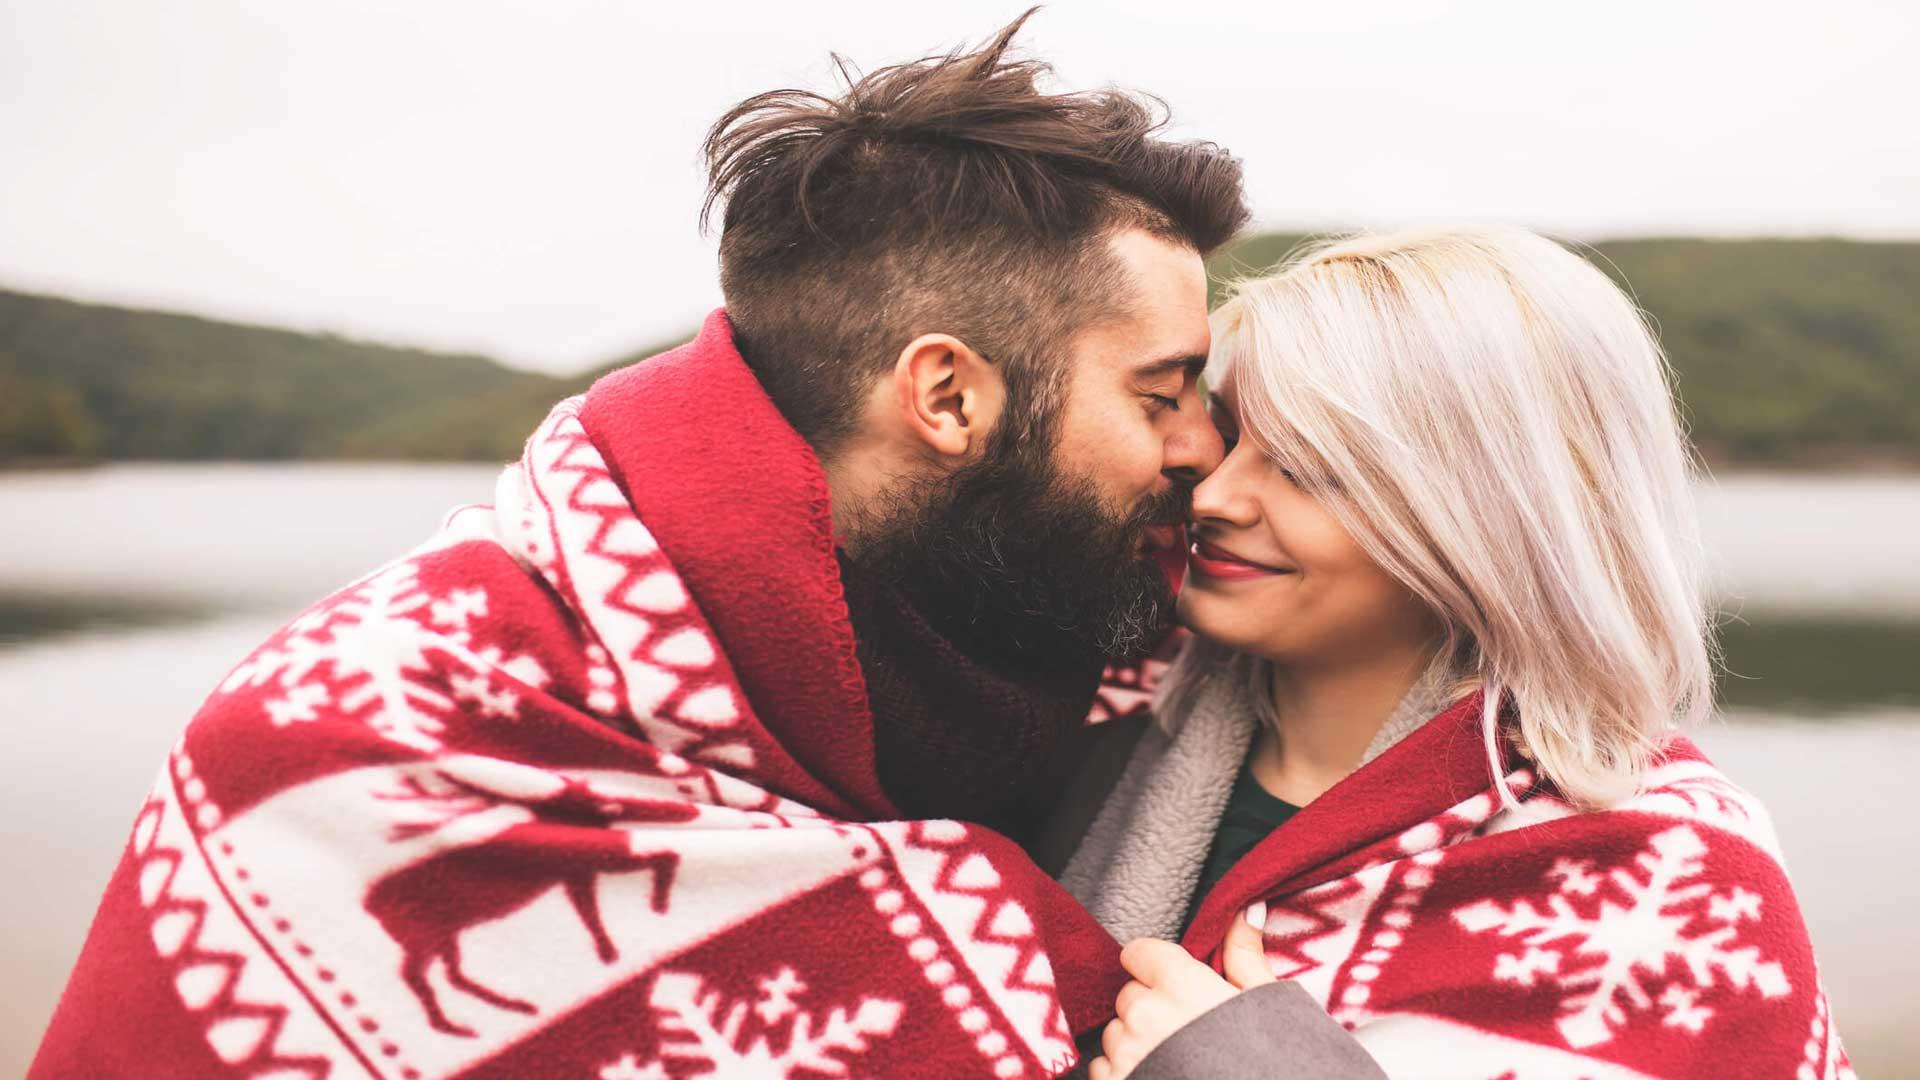 par og en ekstra dating FF på grunn av matchmaking